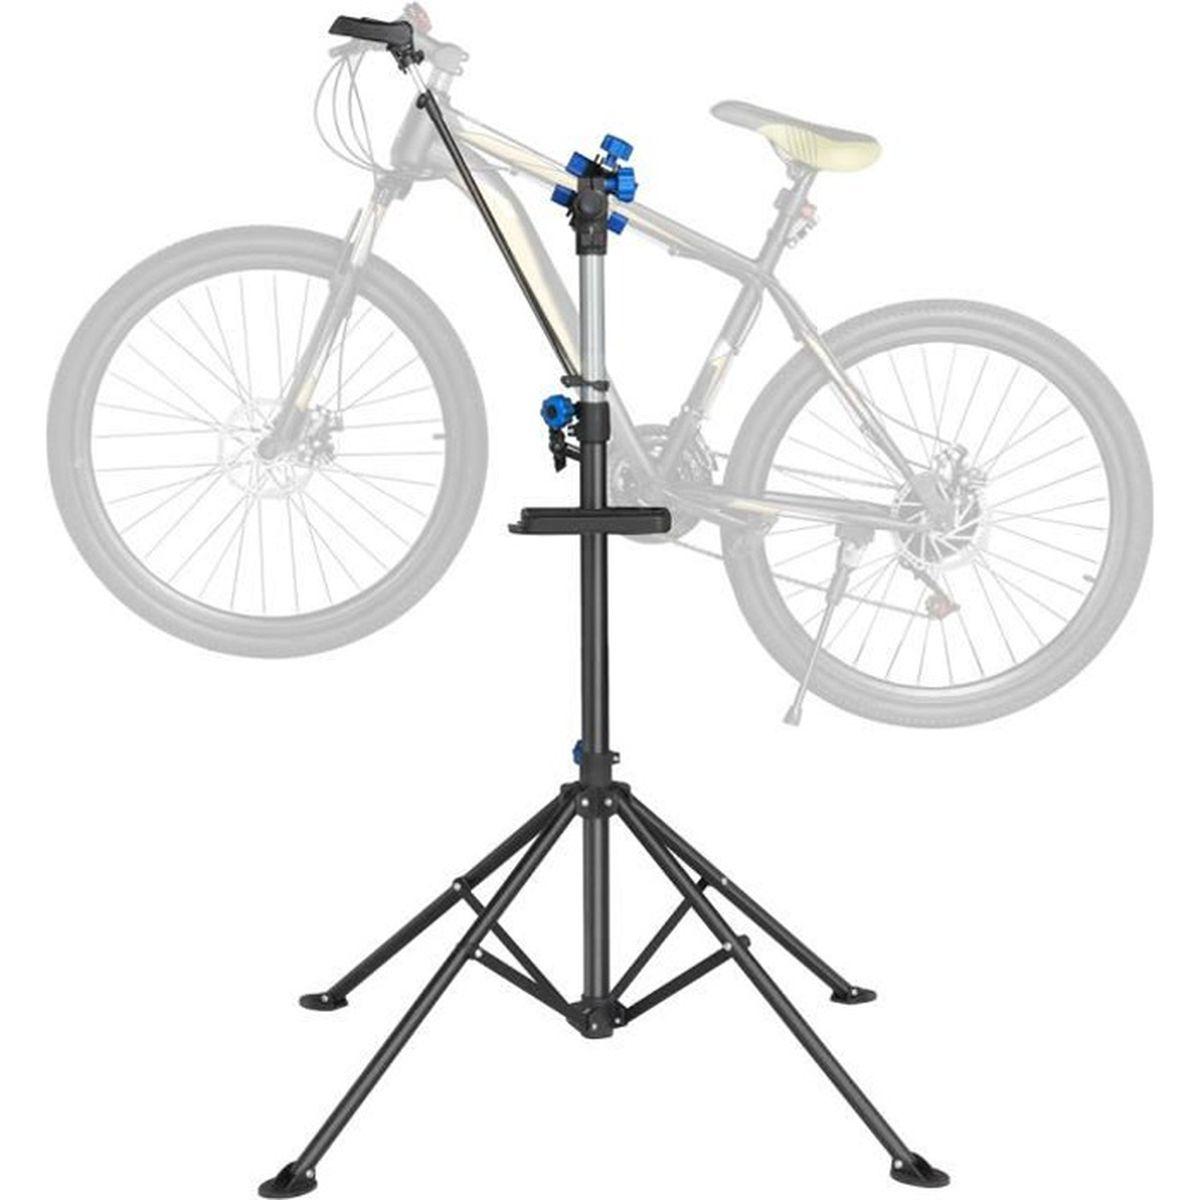 Fixation Pour Velo Garage yaheetech pied d'atelier pour vélo vtt support de montage